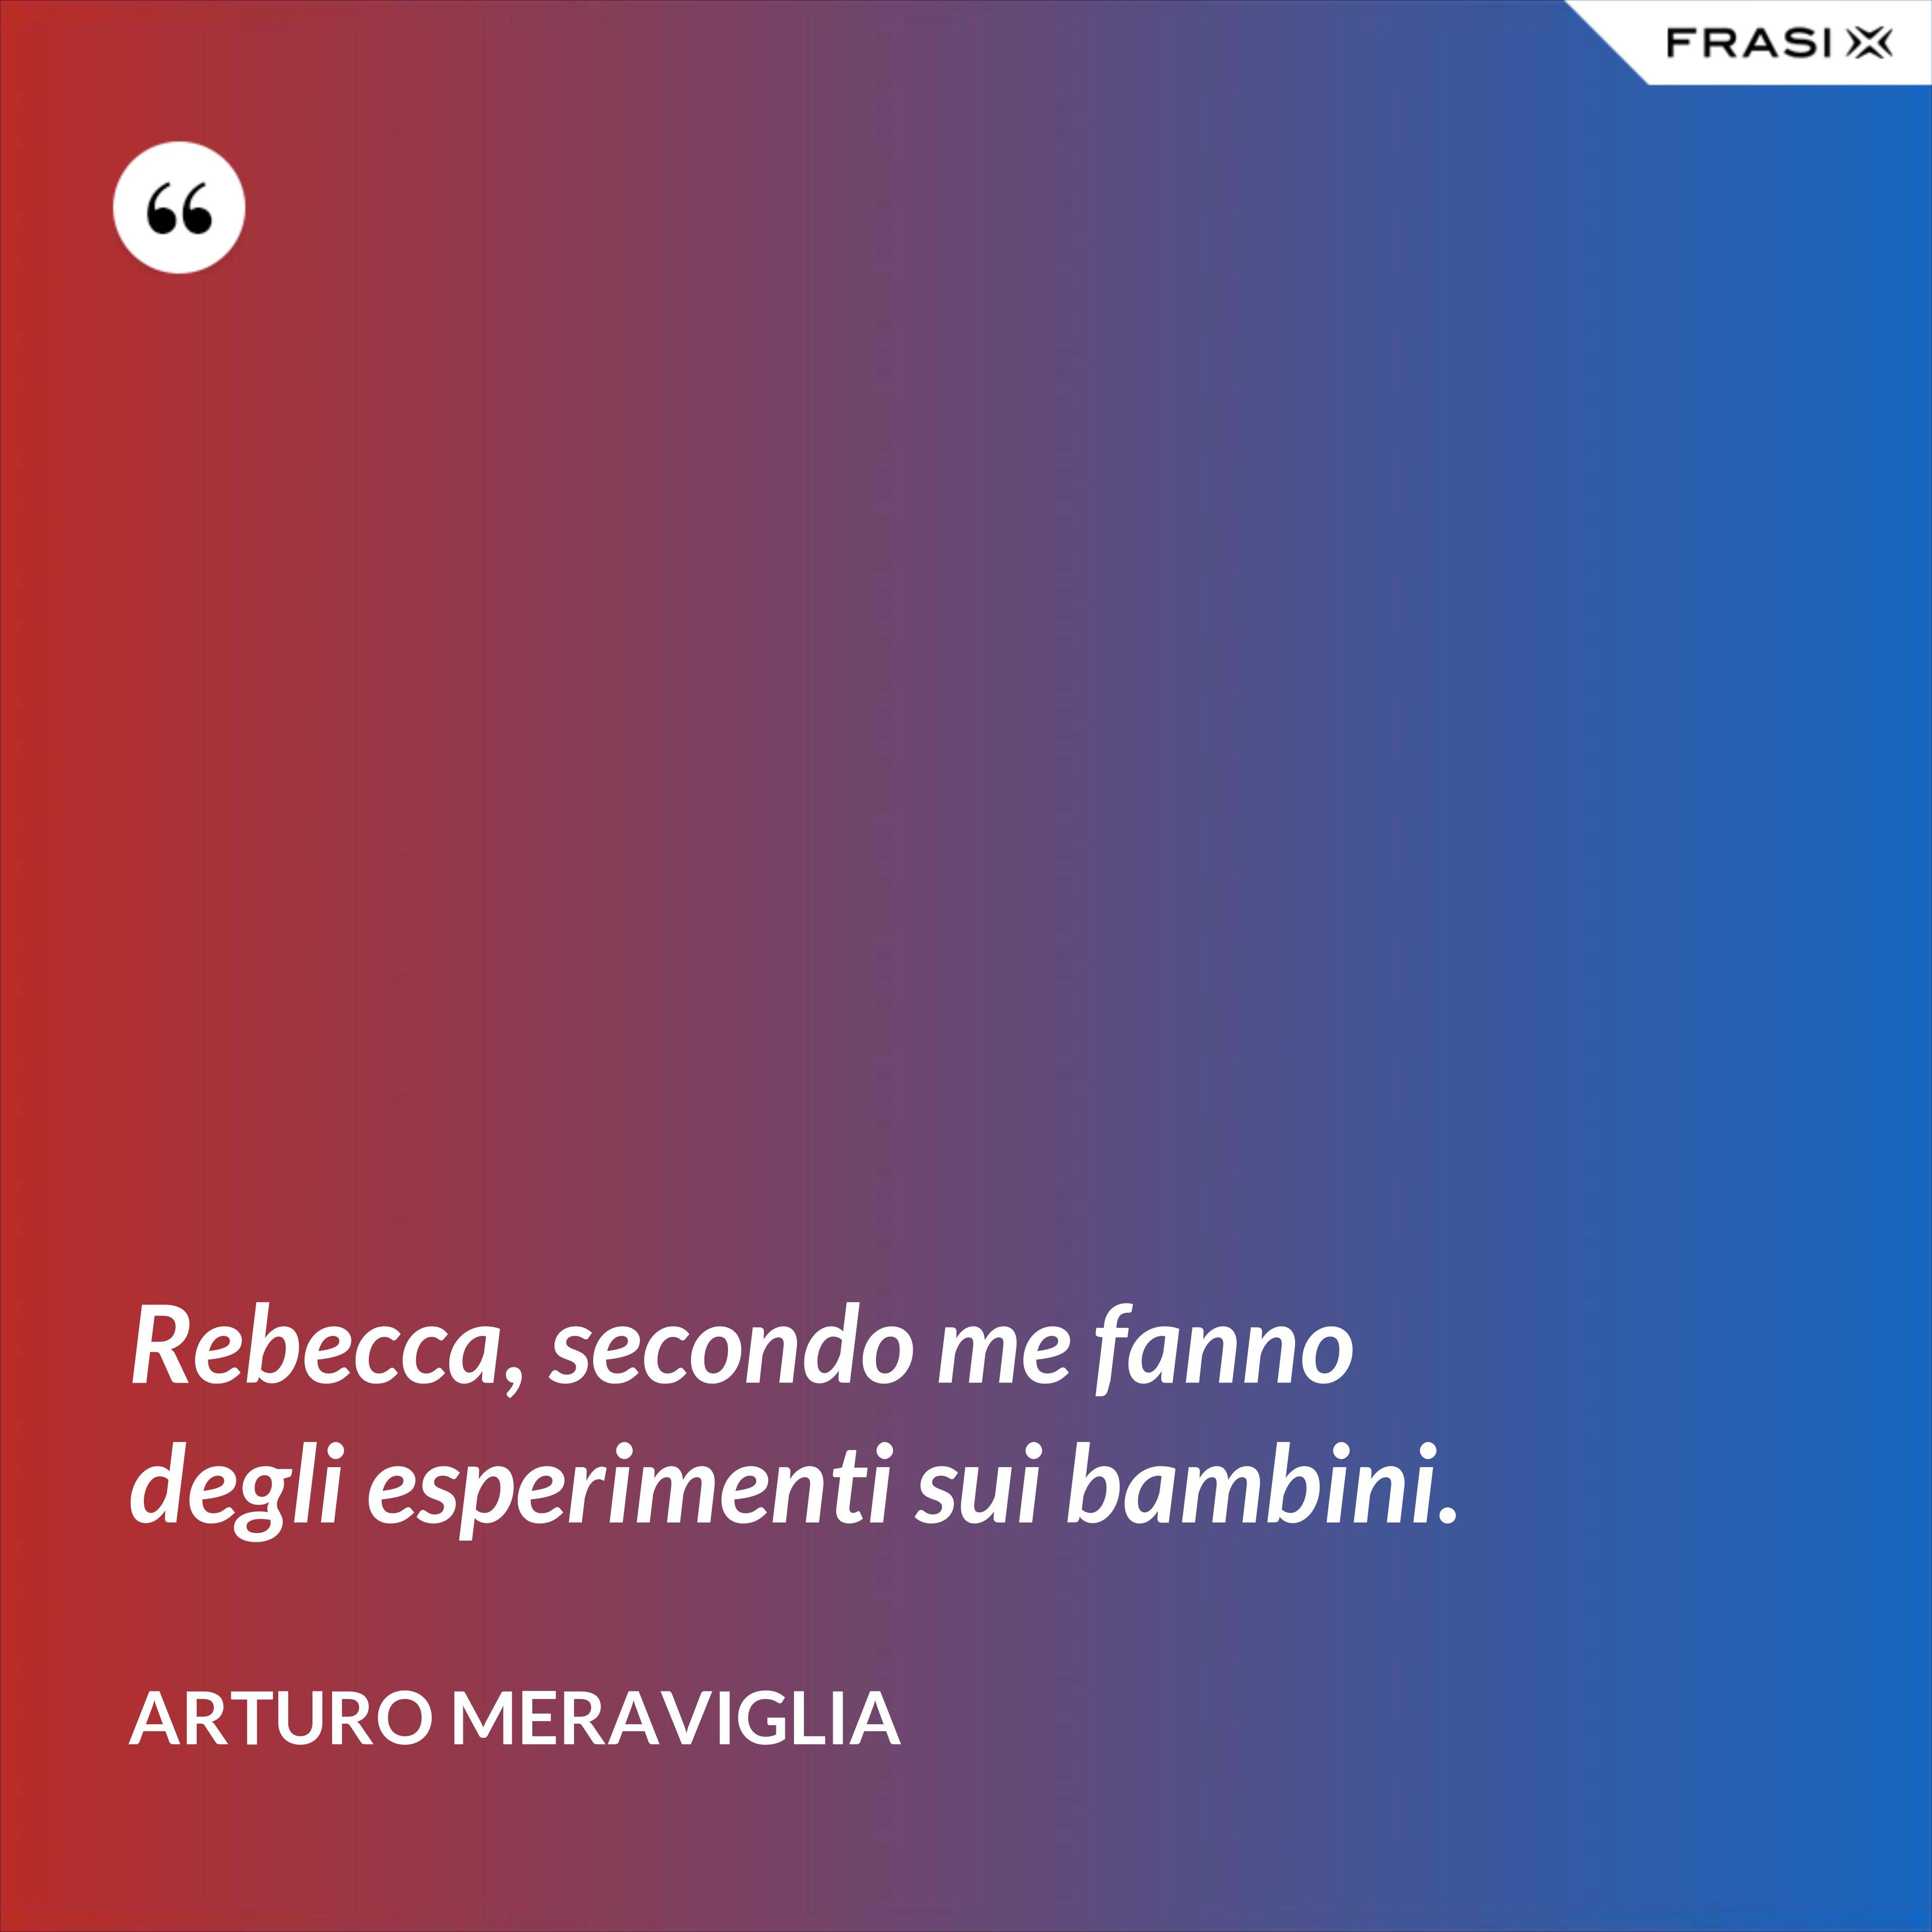 Rebecca, secondo me fanno degli esperimenti sui bambini. - Arturo Meraviglia